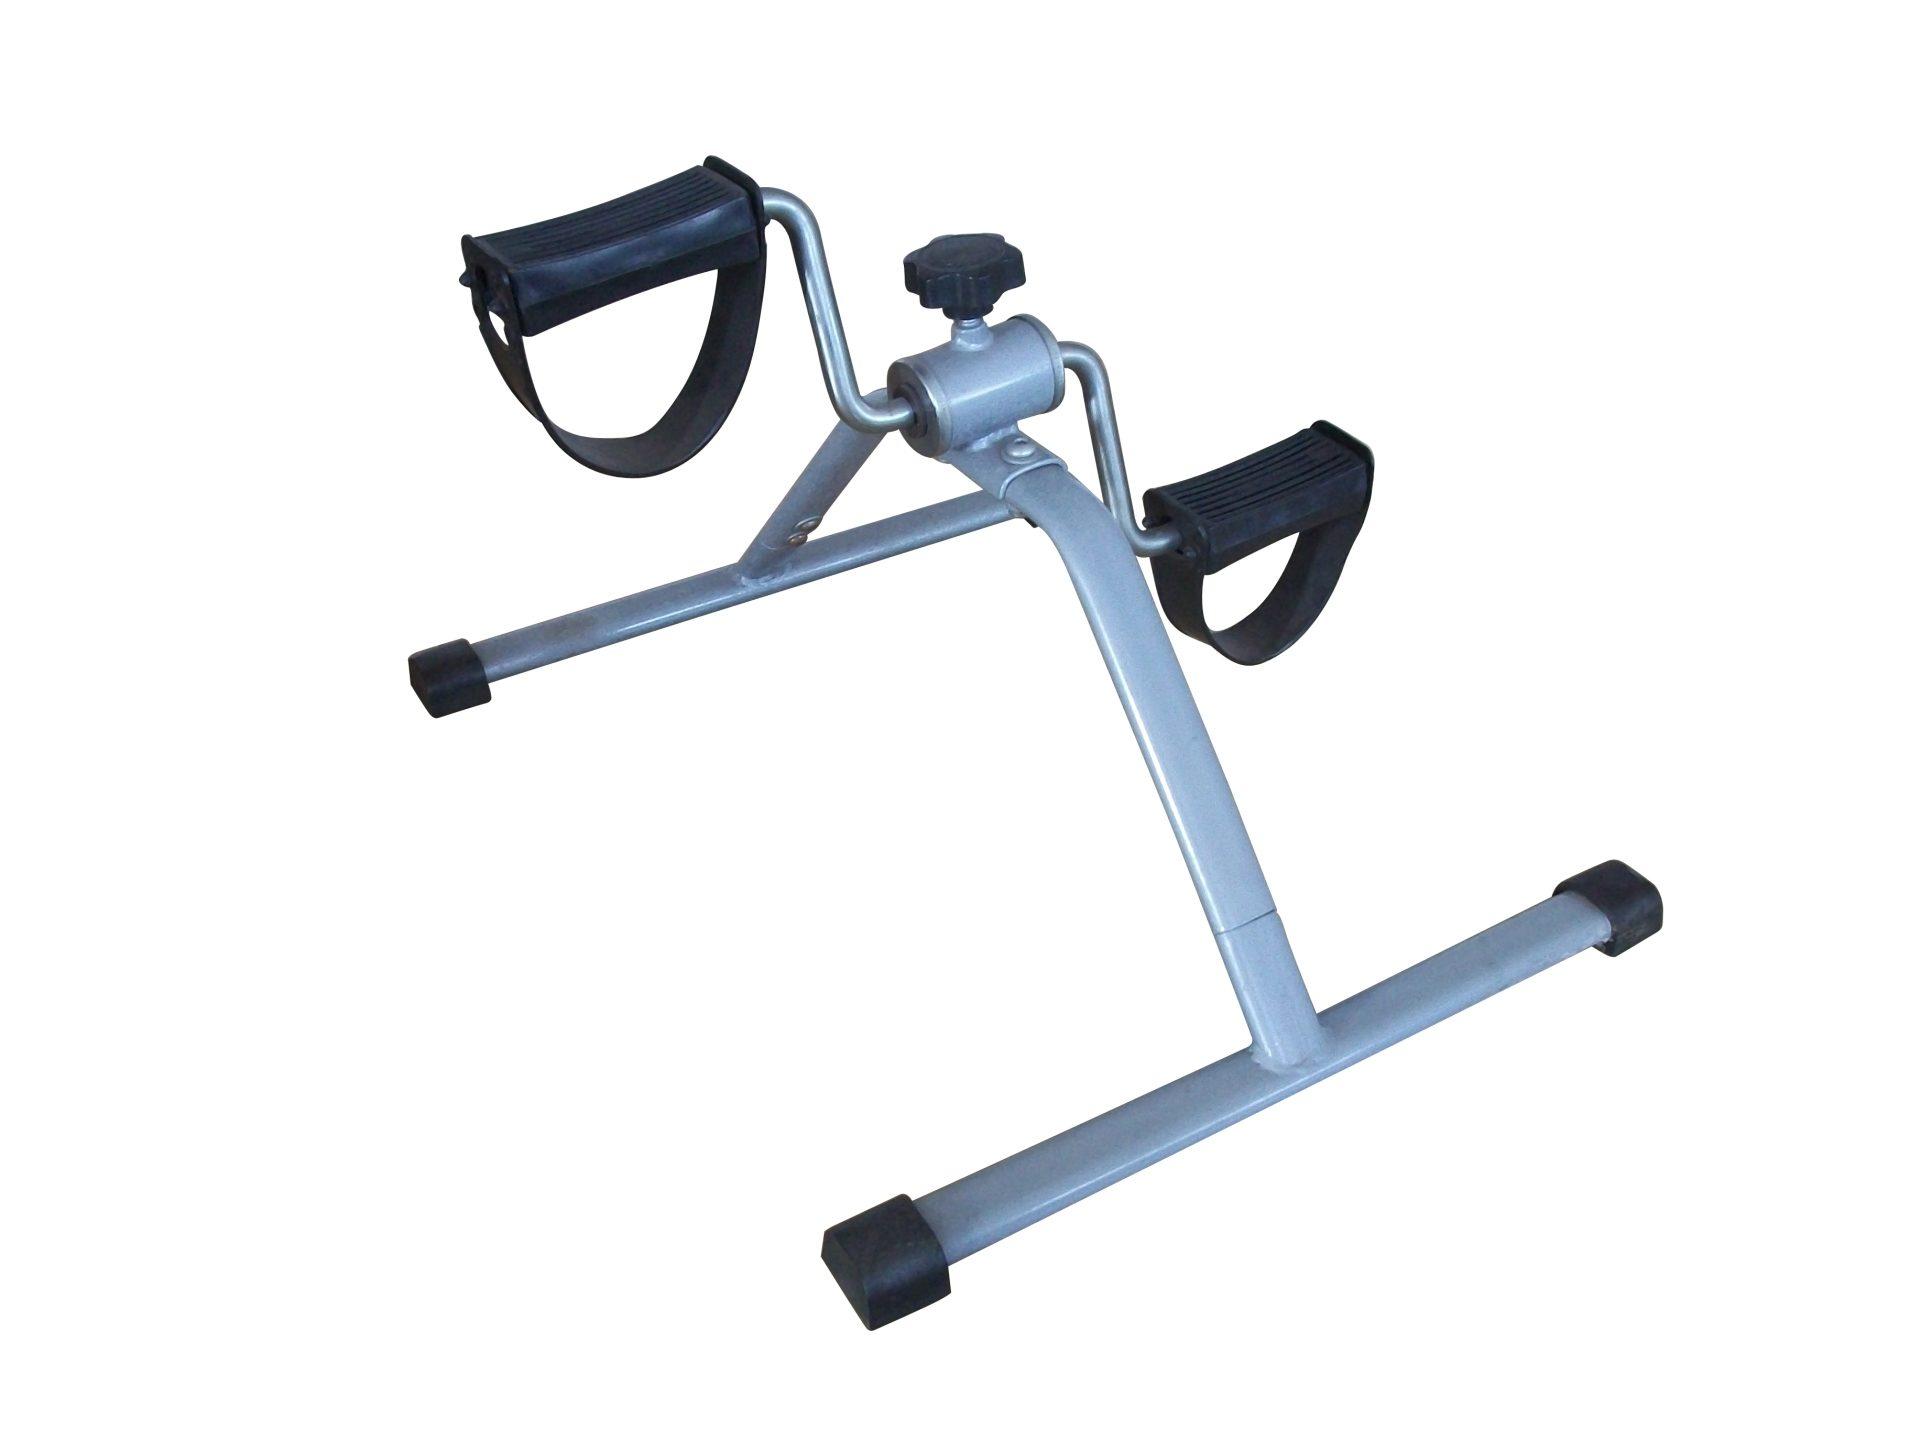 Pedalier d'exercice